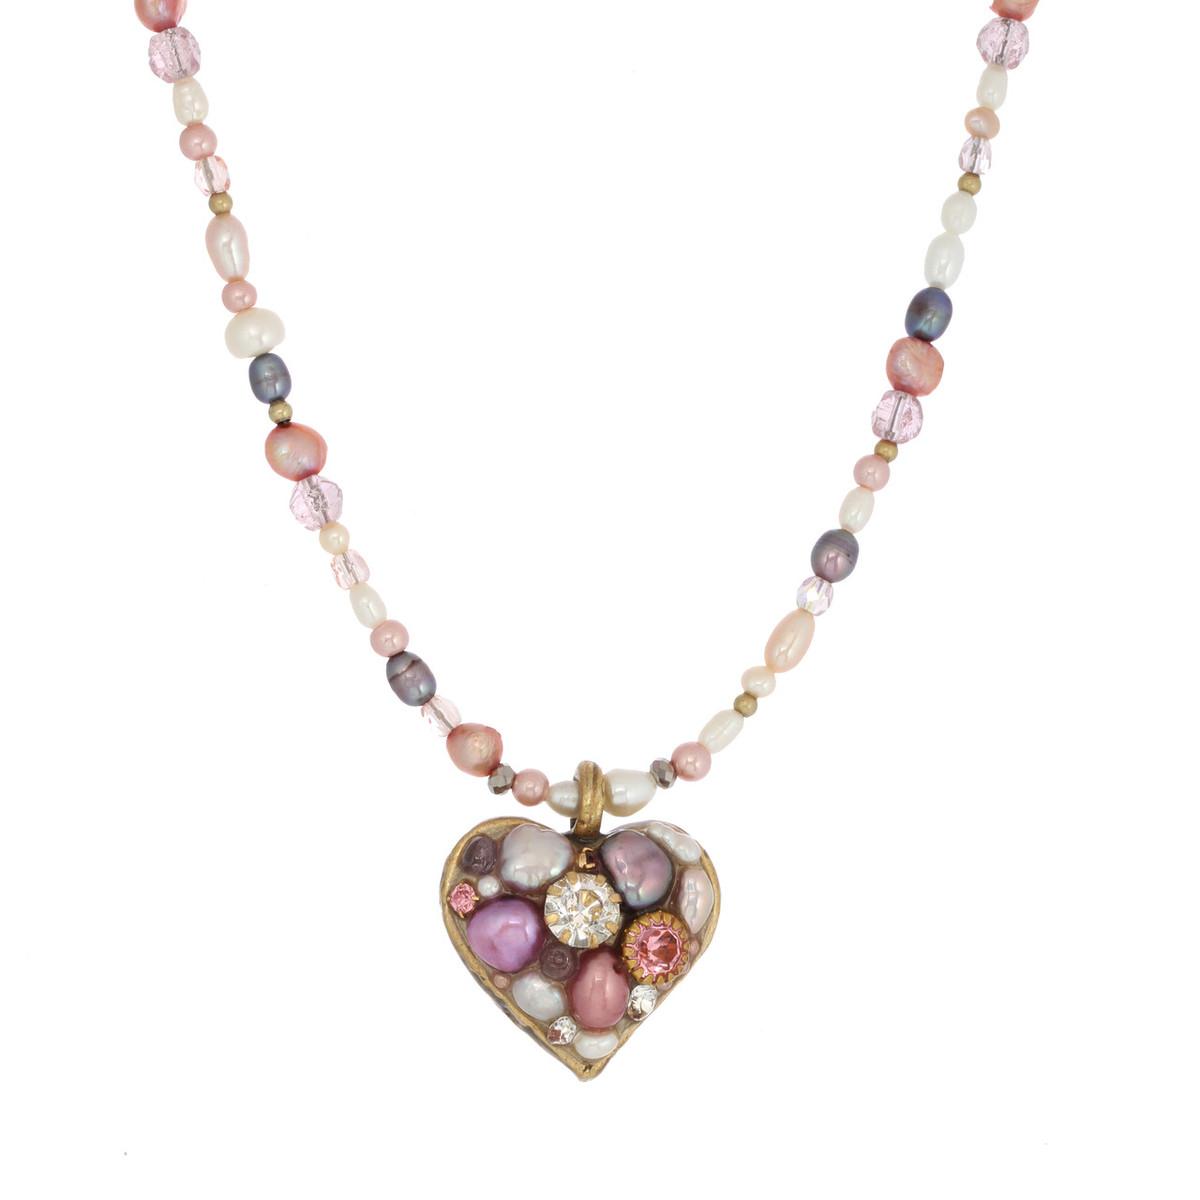 Michal Golan Heart Pendant Necklace